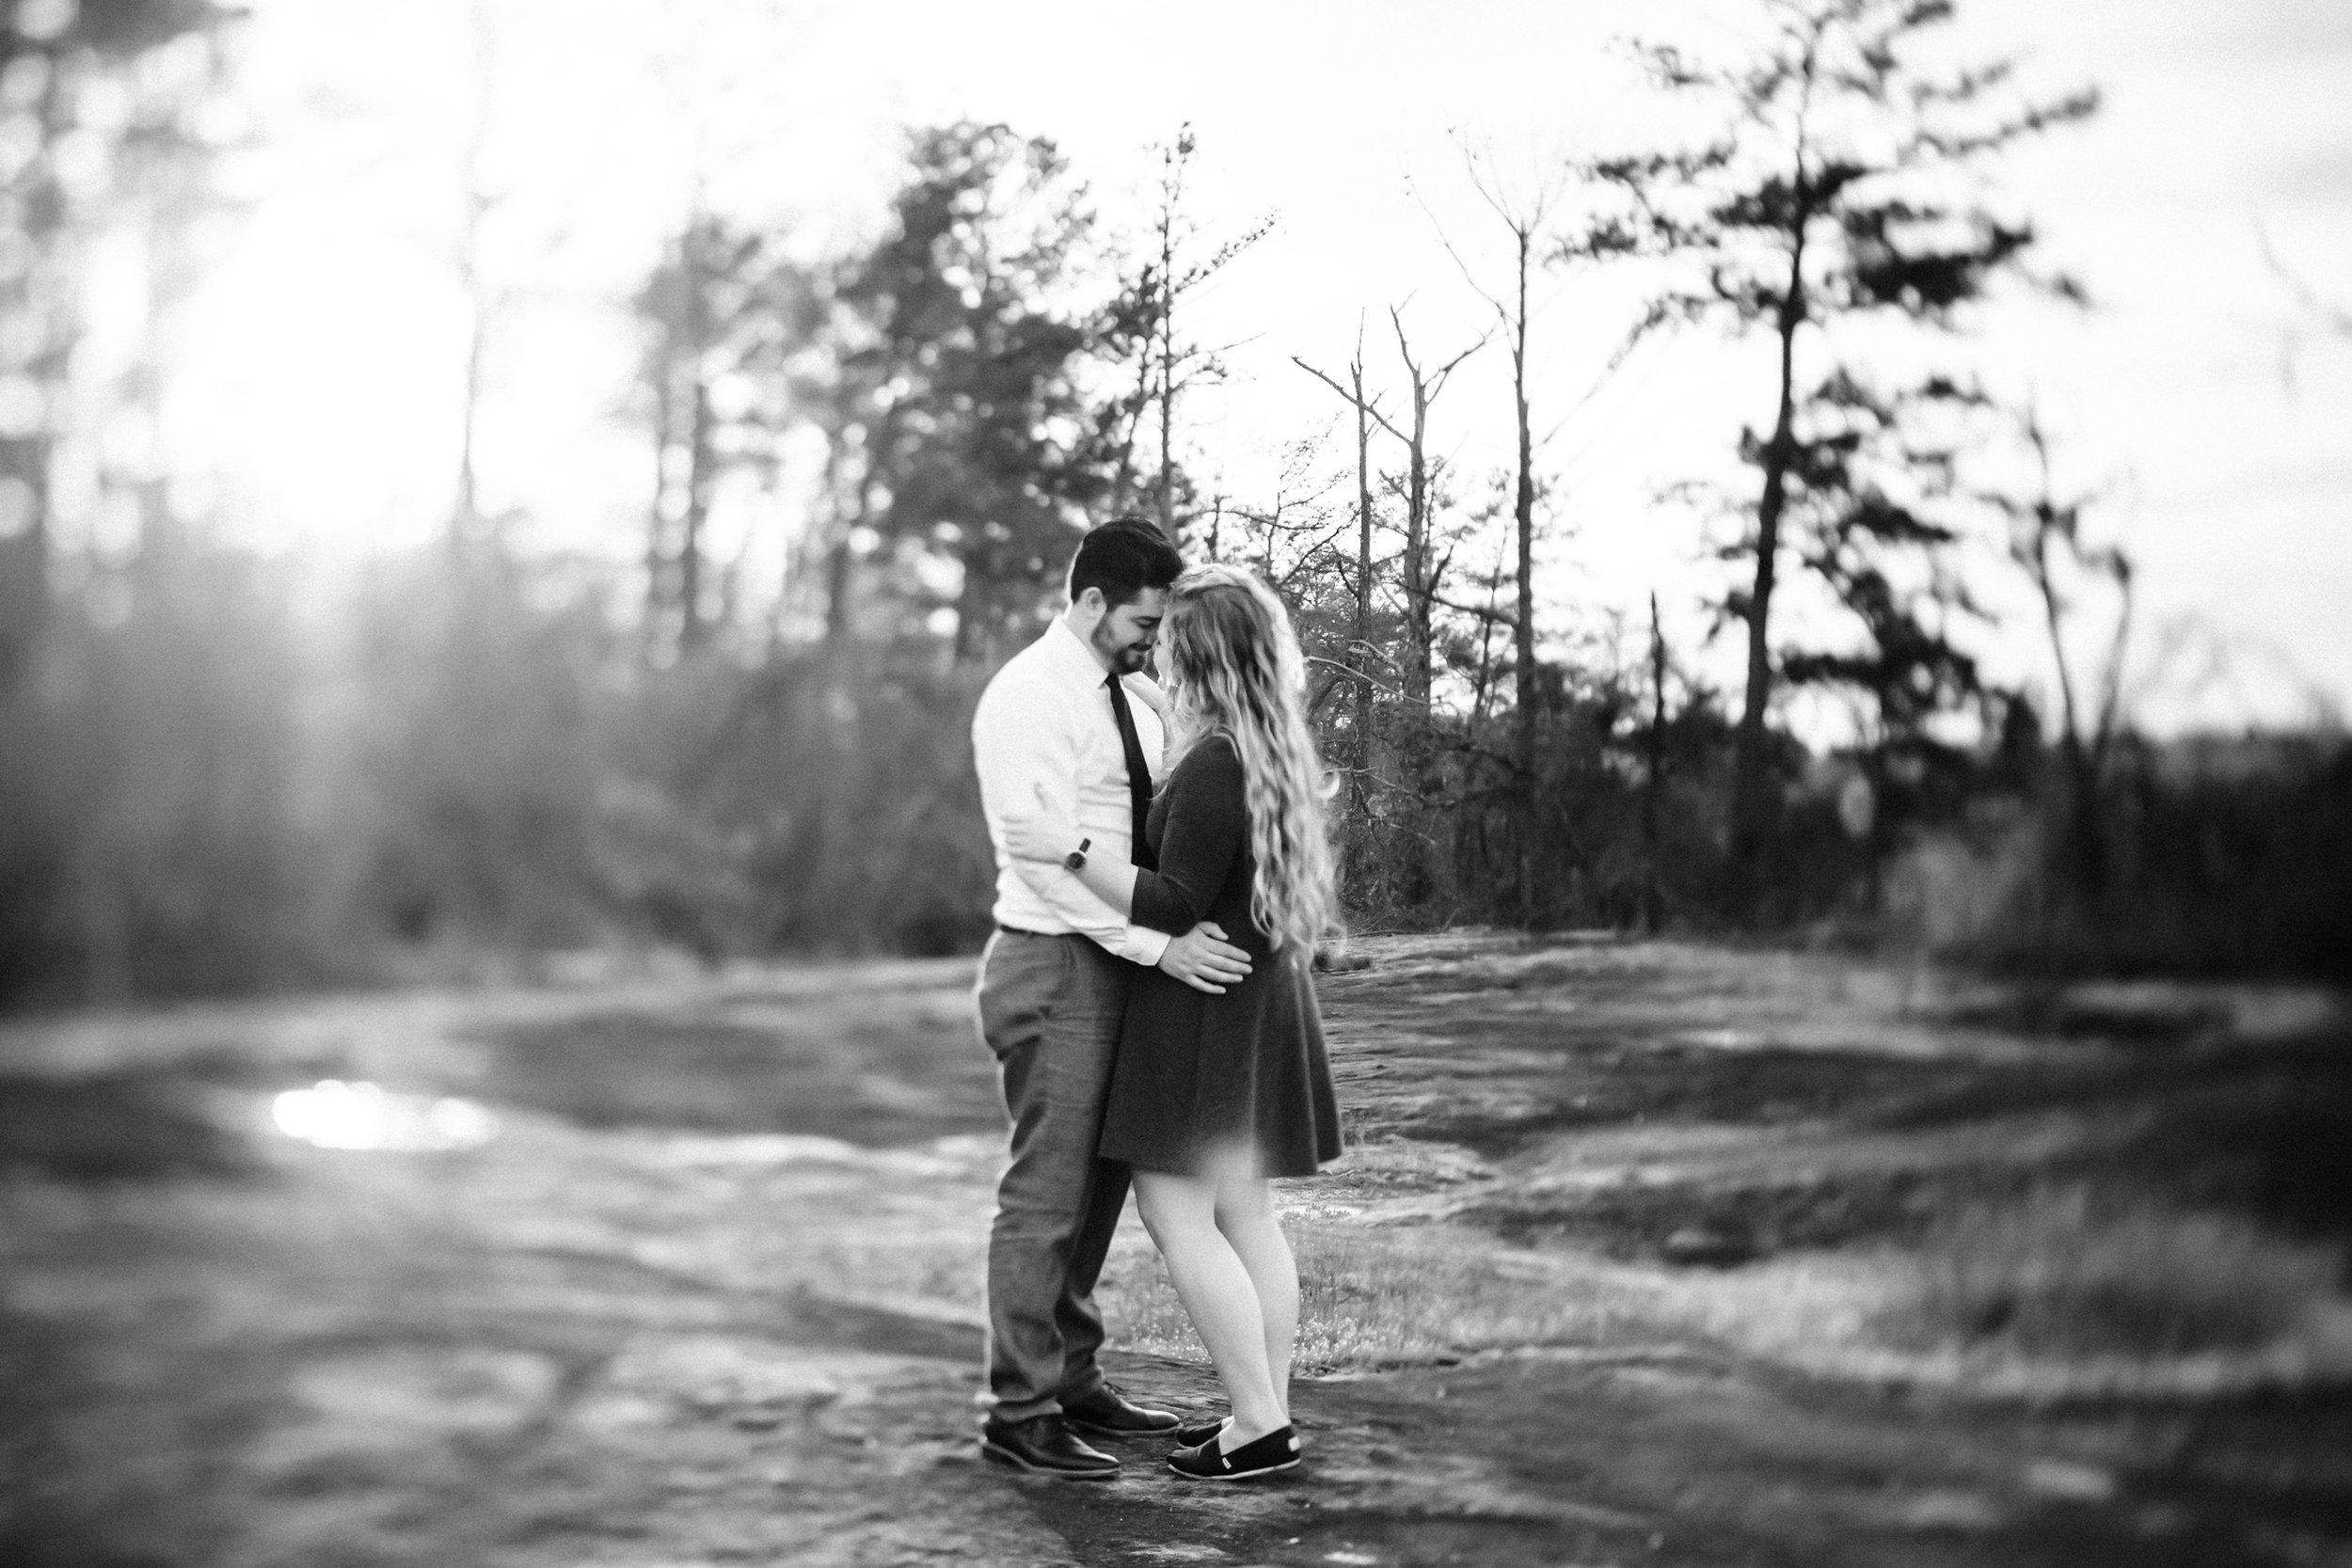 atlanta arabia mountain norht georgia adventure bay area nontraditional wedding photographer southern california boho wedding love light magic san francisco oakland northern california-175.jpg